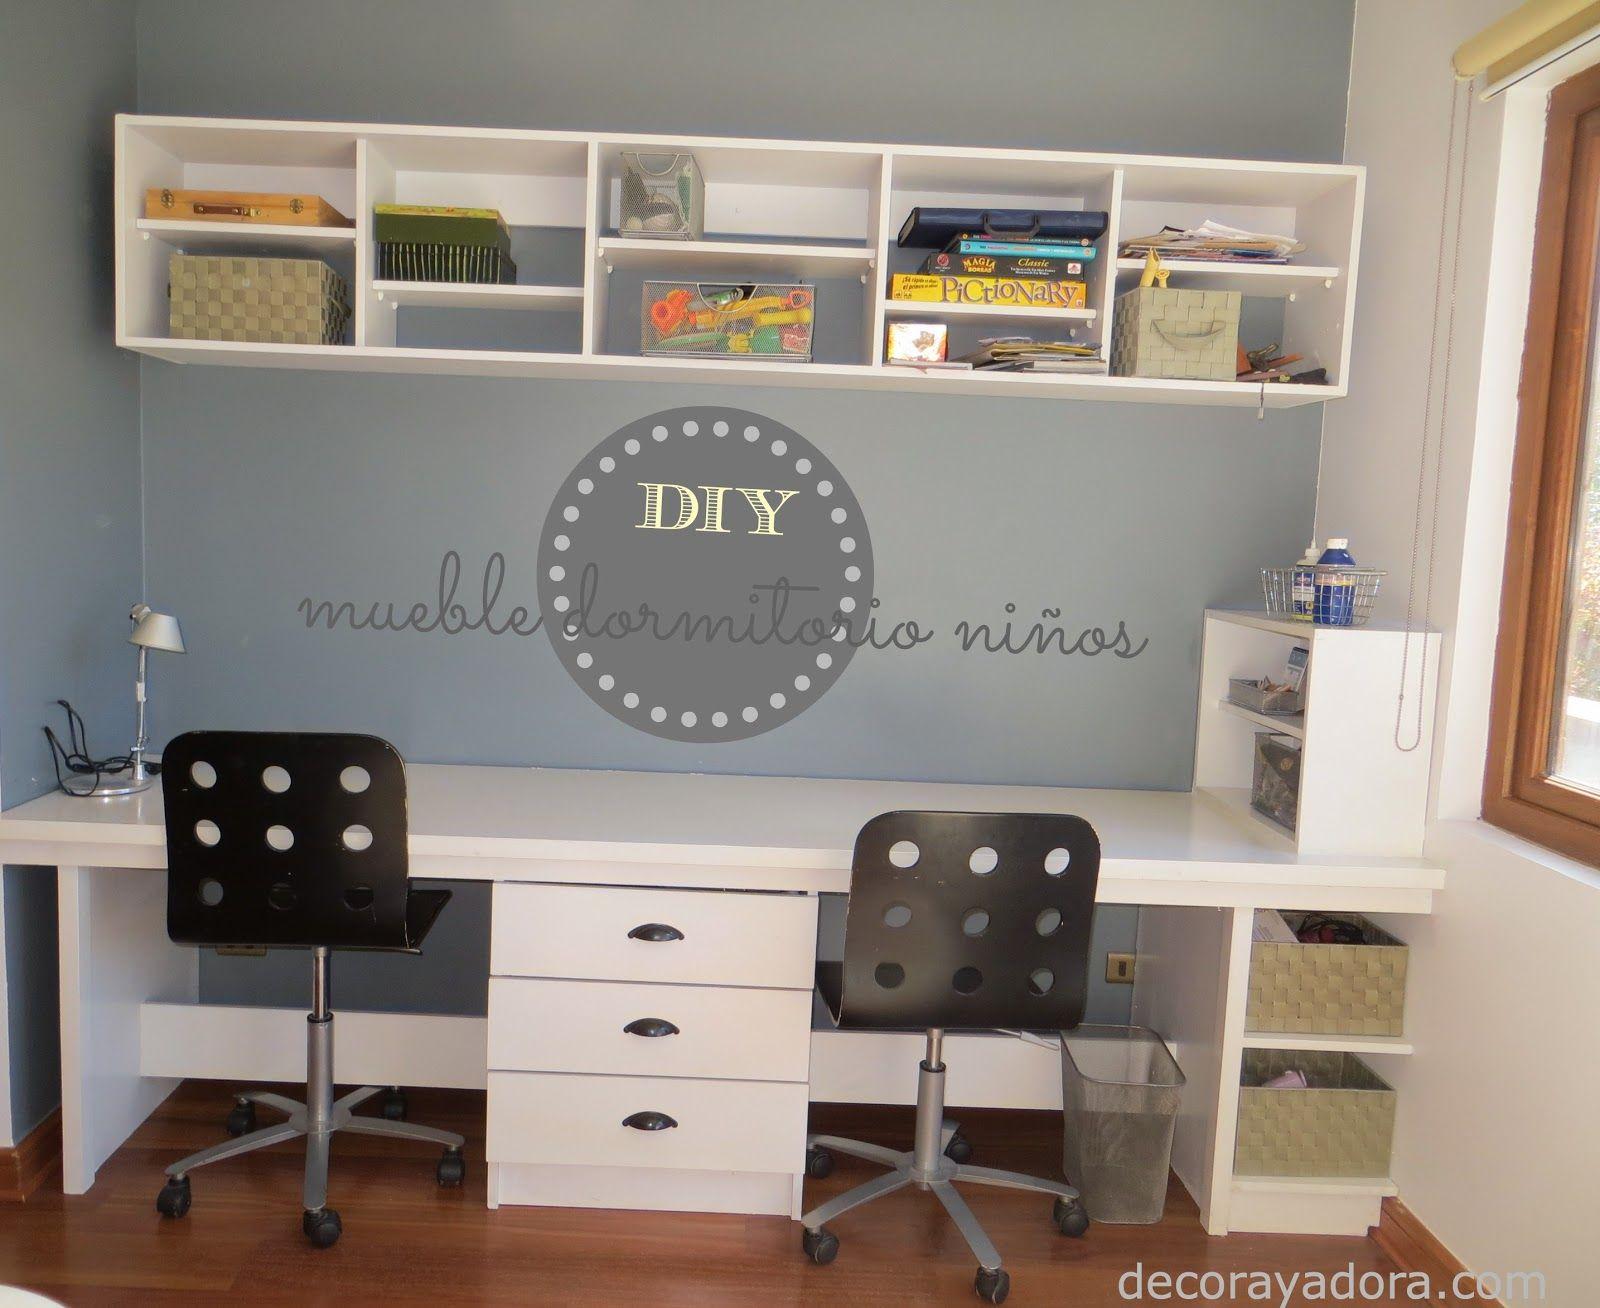 DIY mueble dormitorio niños | Workspace - Office | Pinterest ...